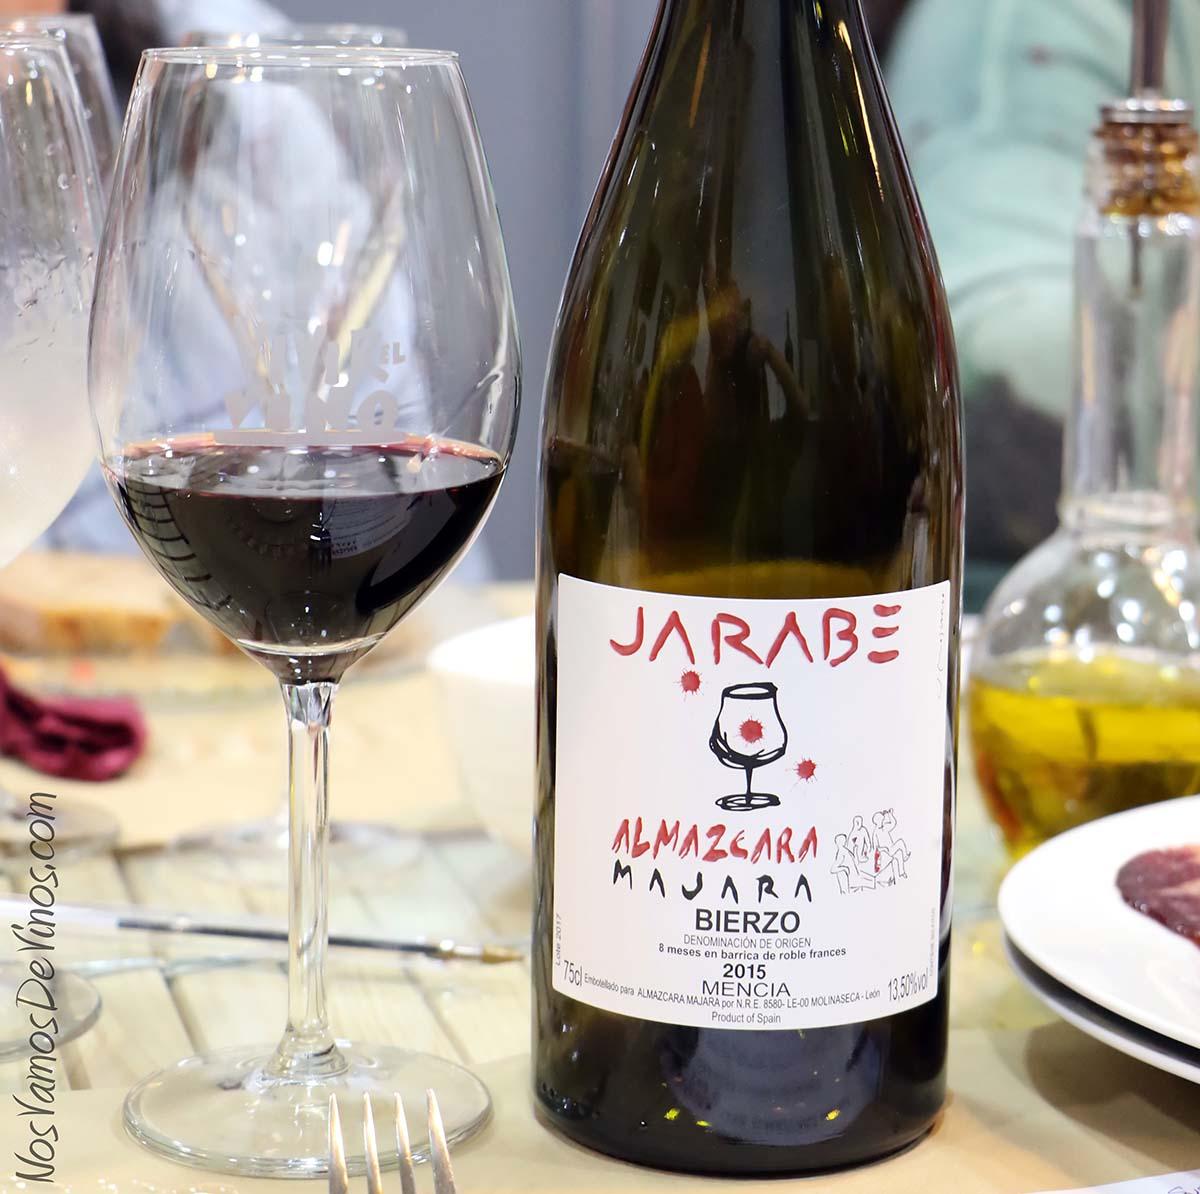 Jarabe Almázcara Majara con copa